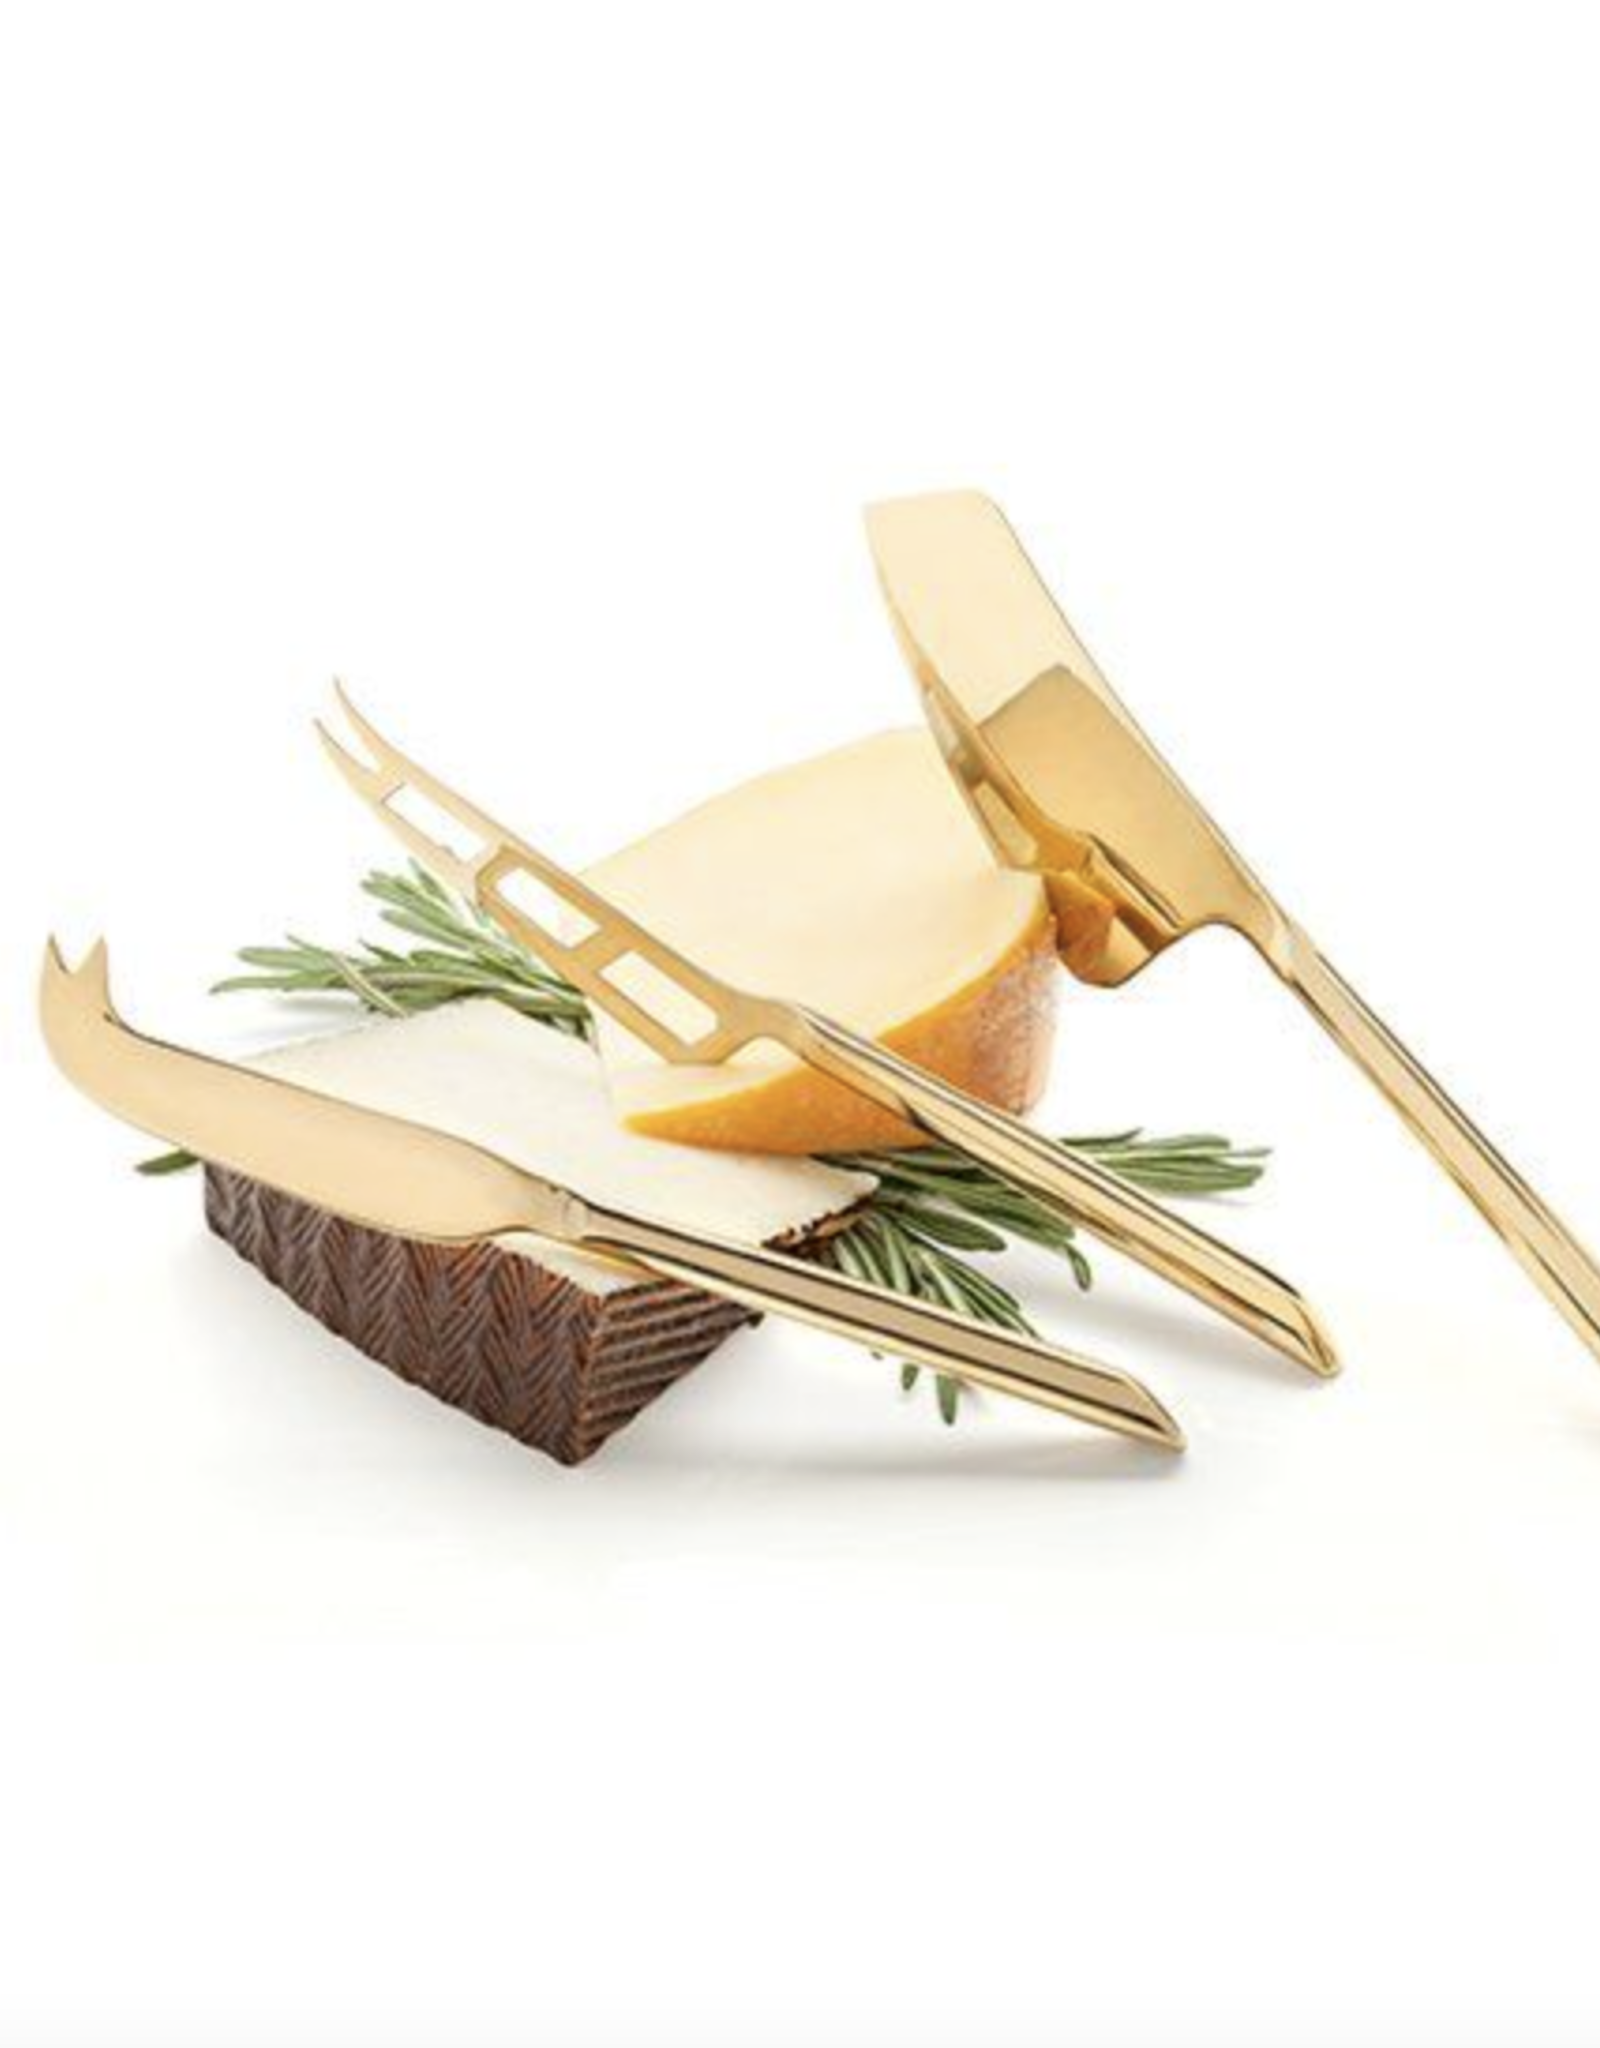 viski Gold Cheese Knives